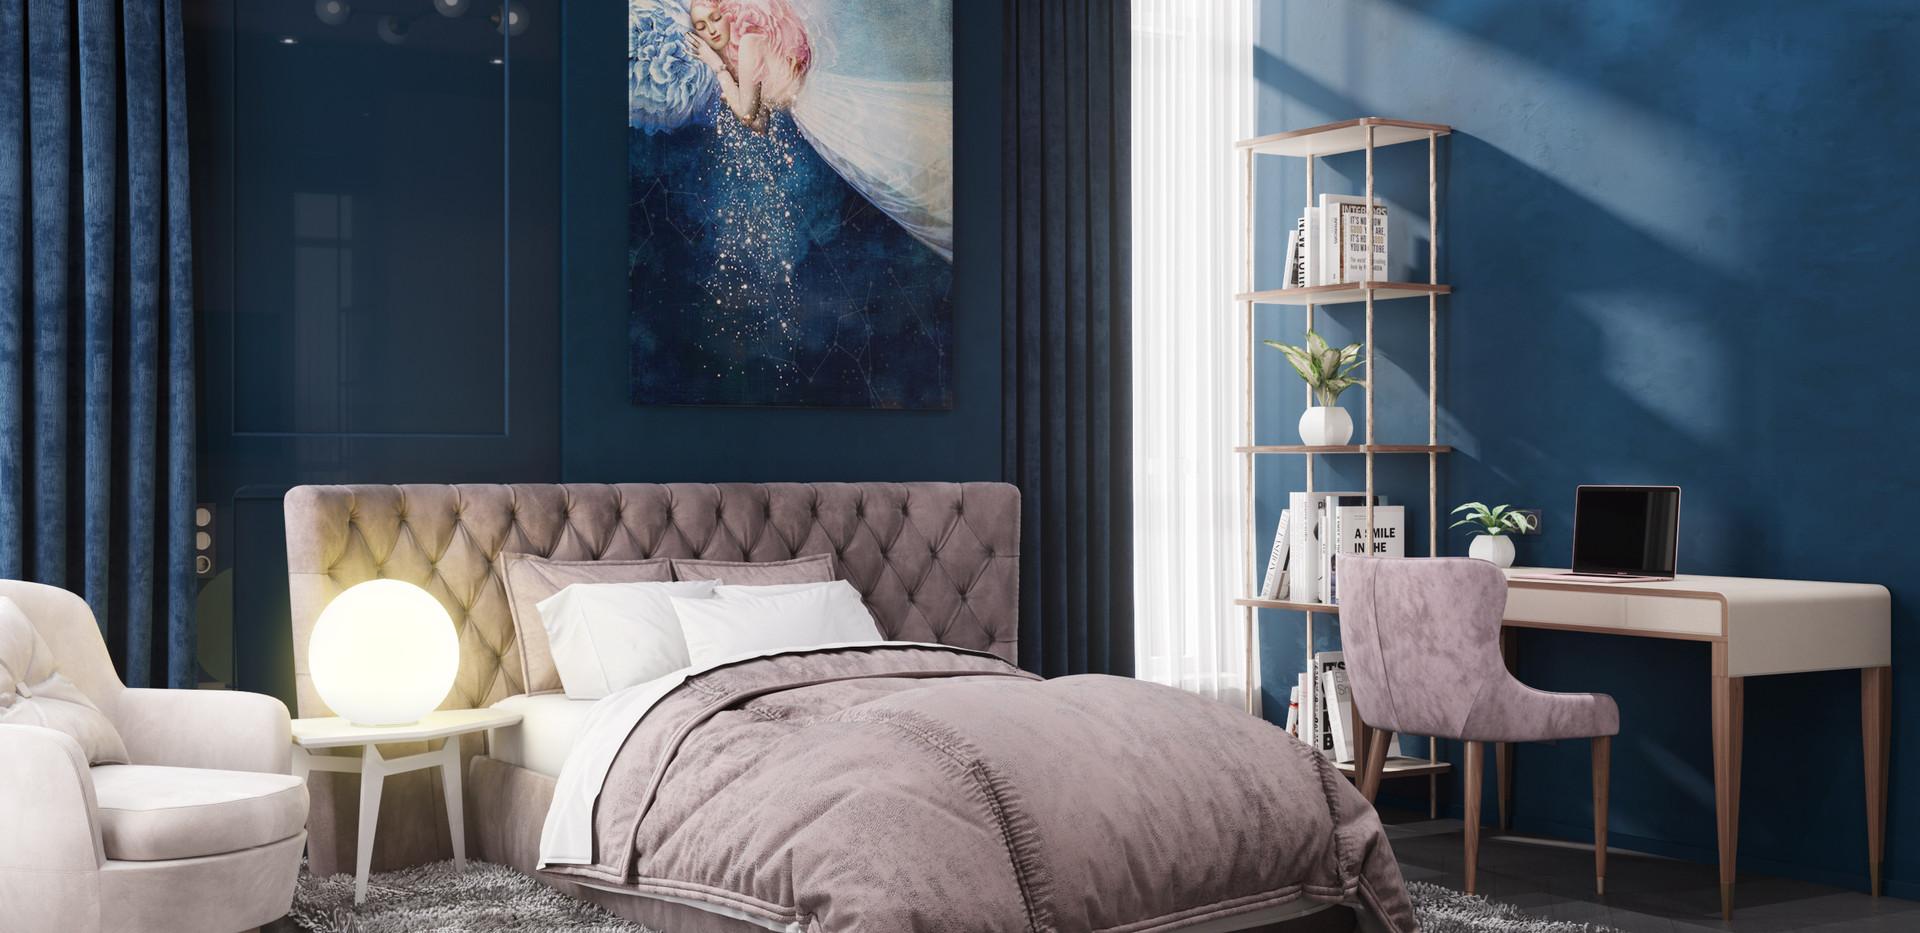 181.2019.001_Bedroom_girl14_Cam4 (2).jpg